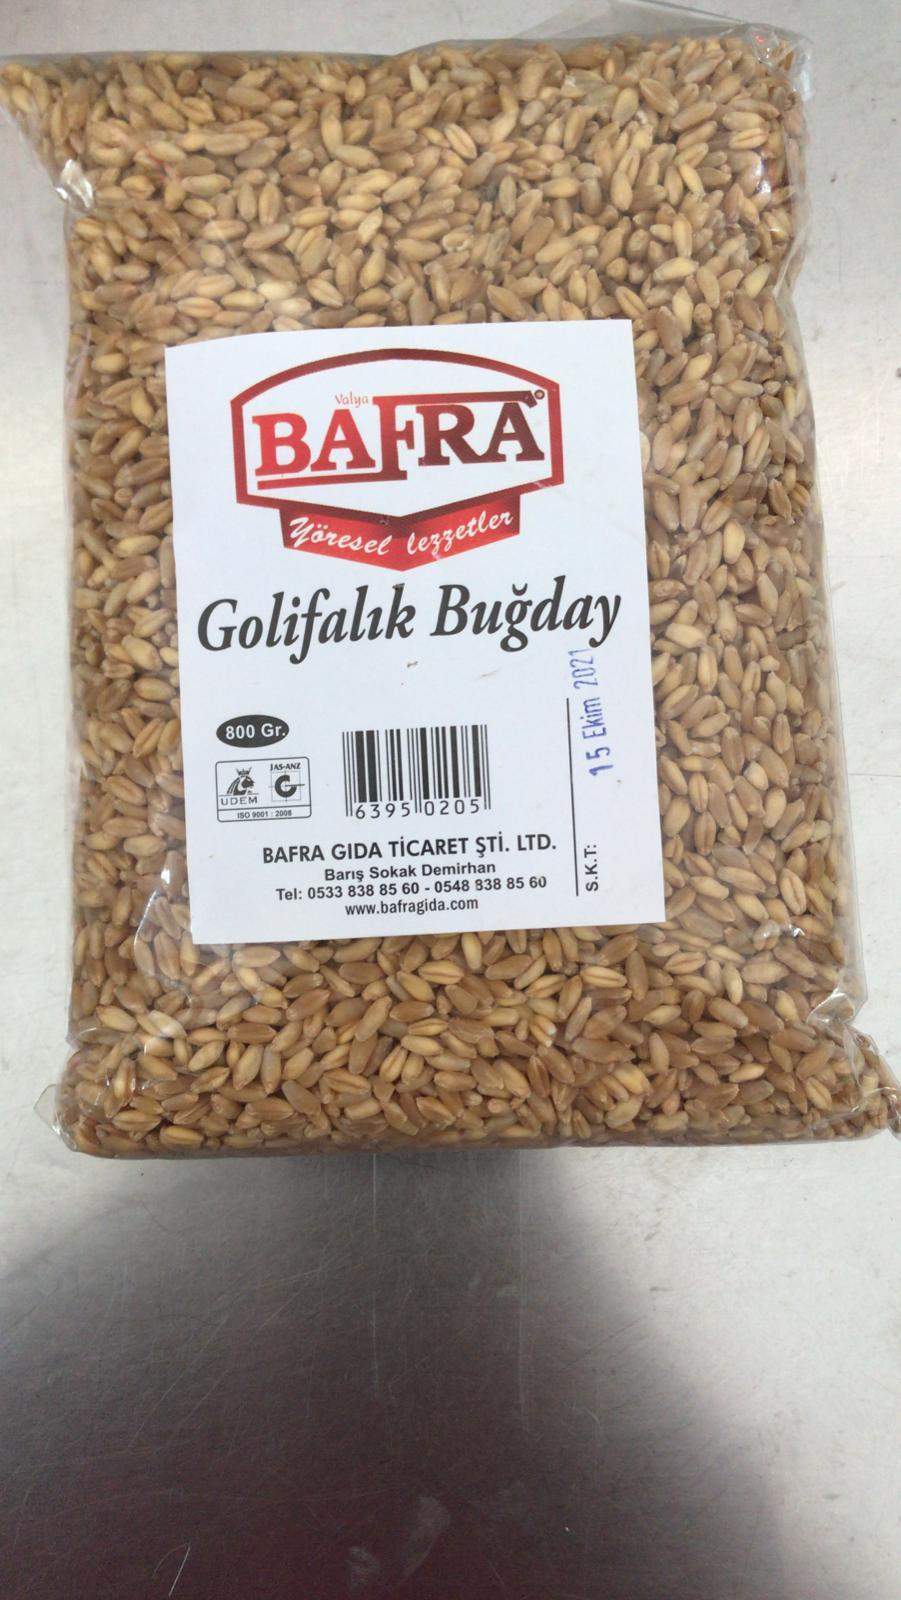 BAFRA GOLIFALIK BUGDAY 800GR